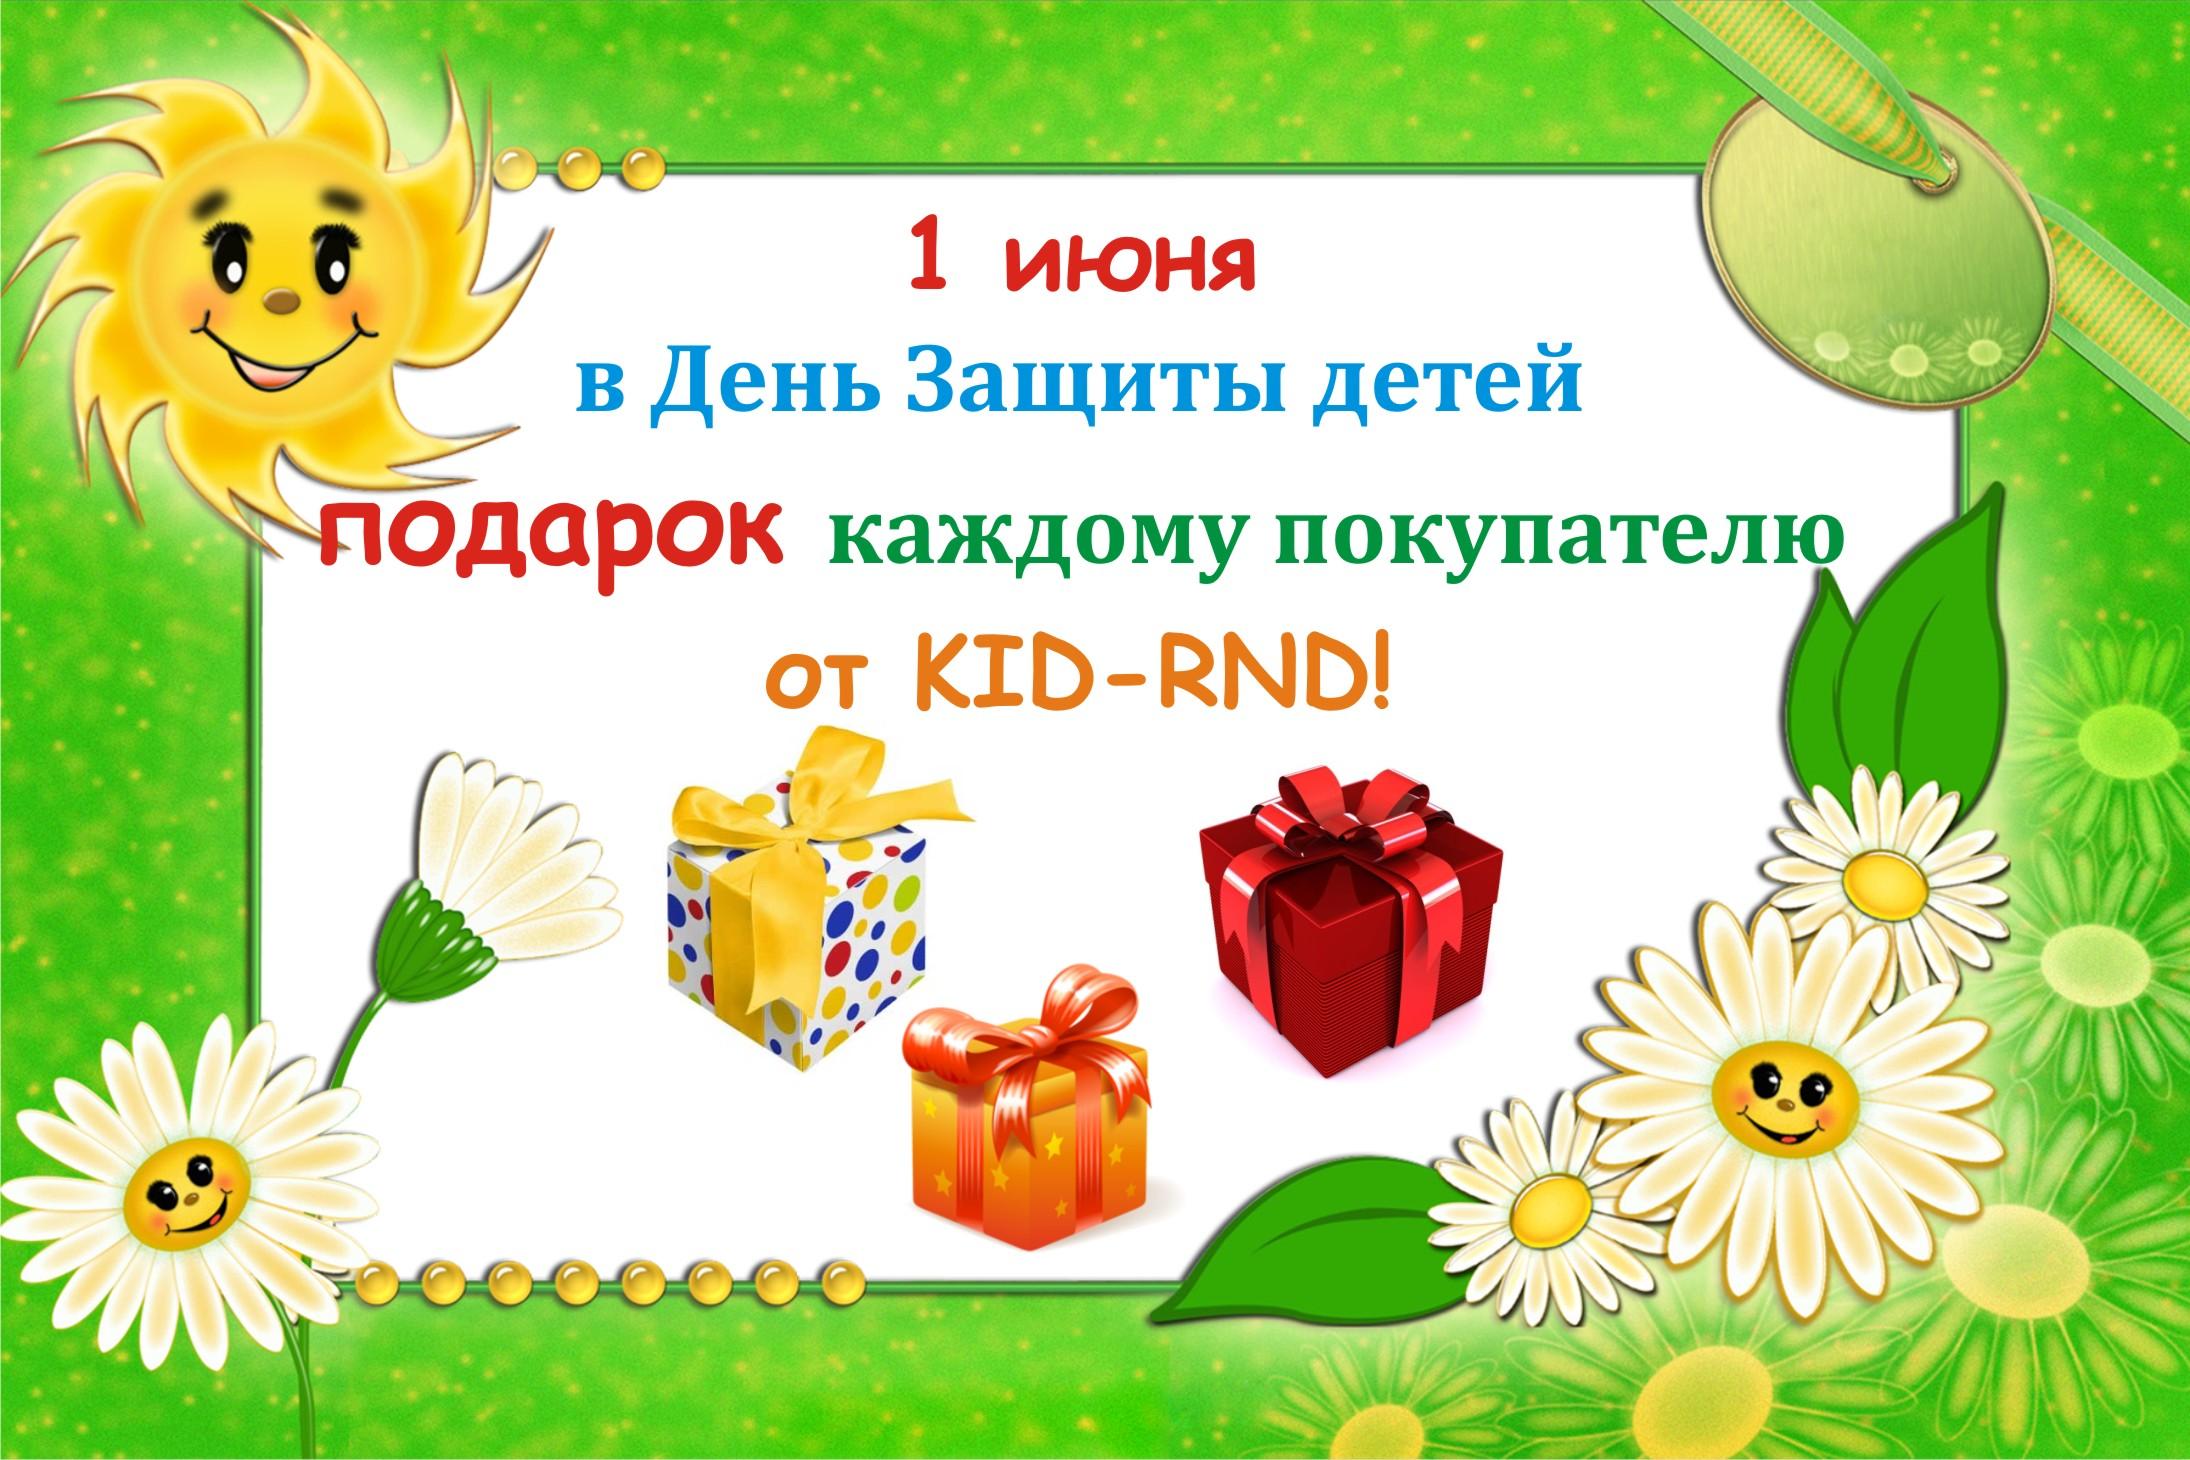 Подарок с на 1 июня